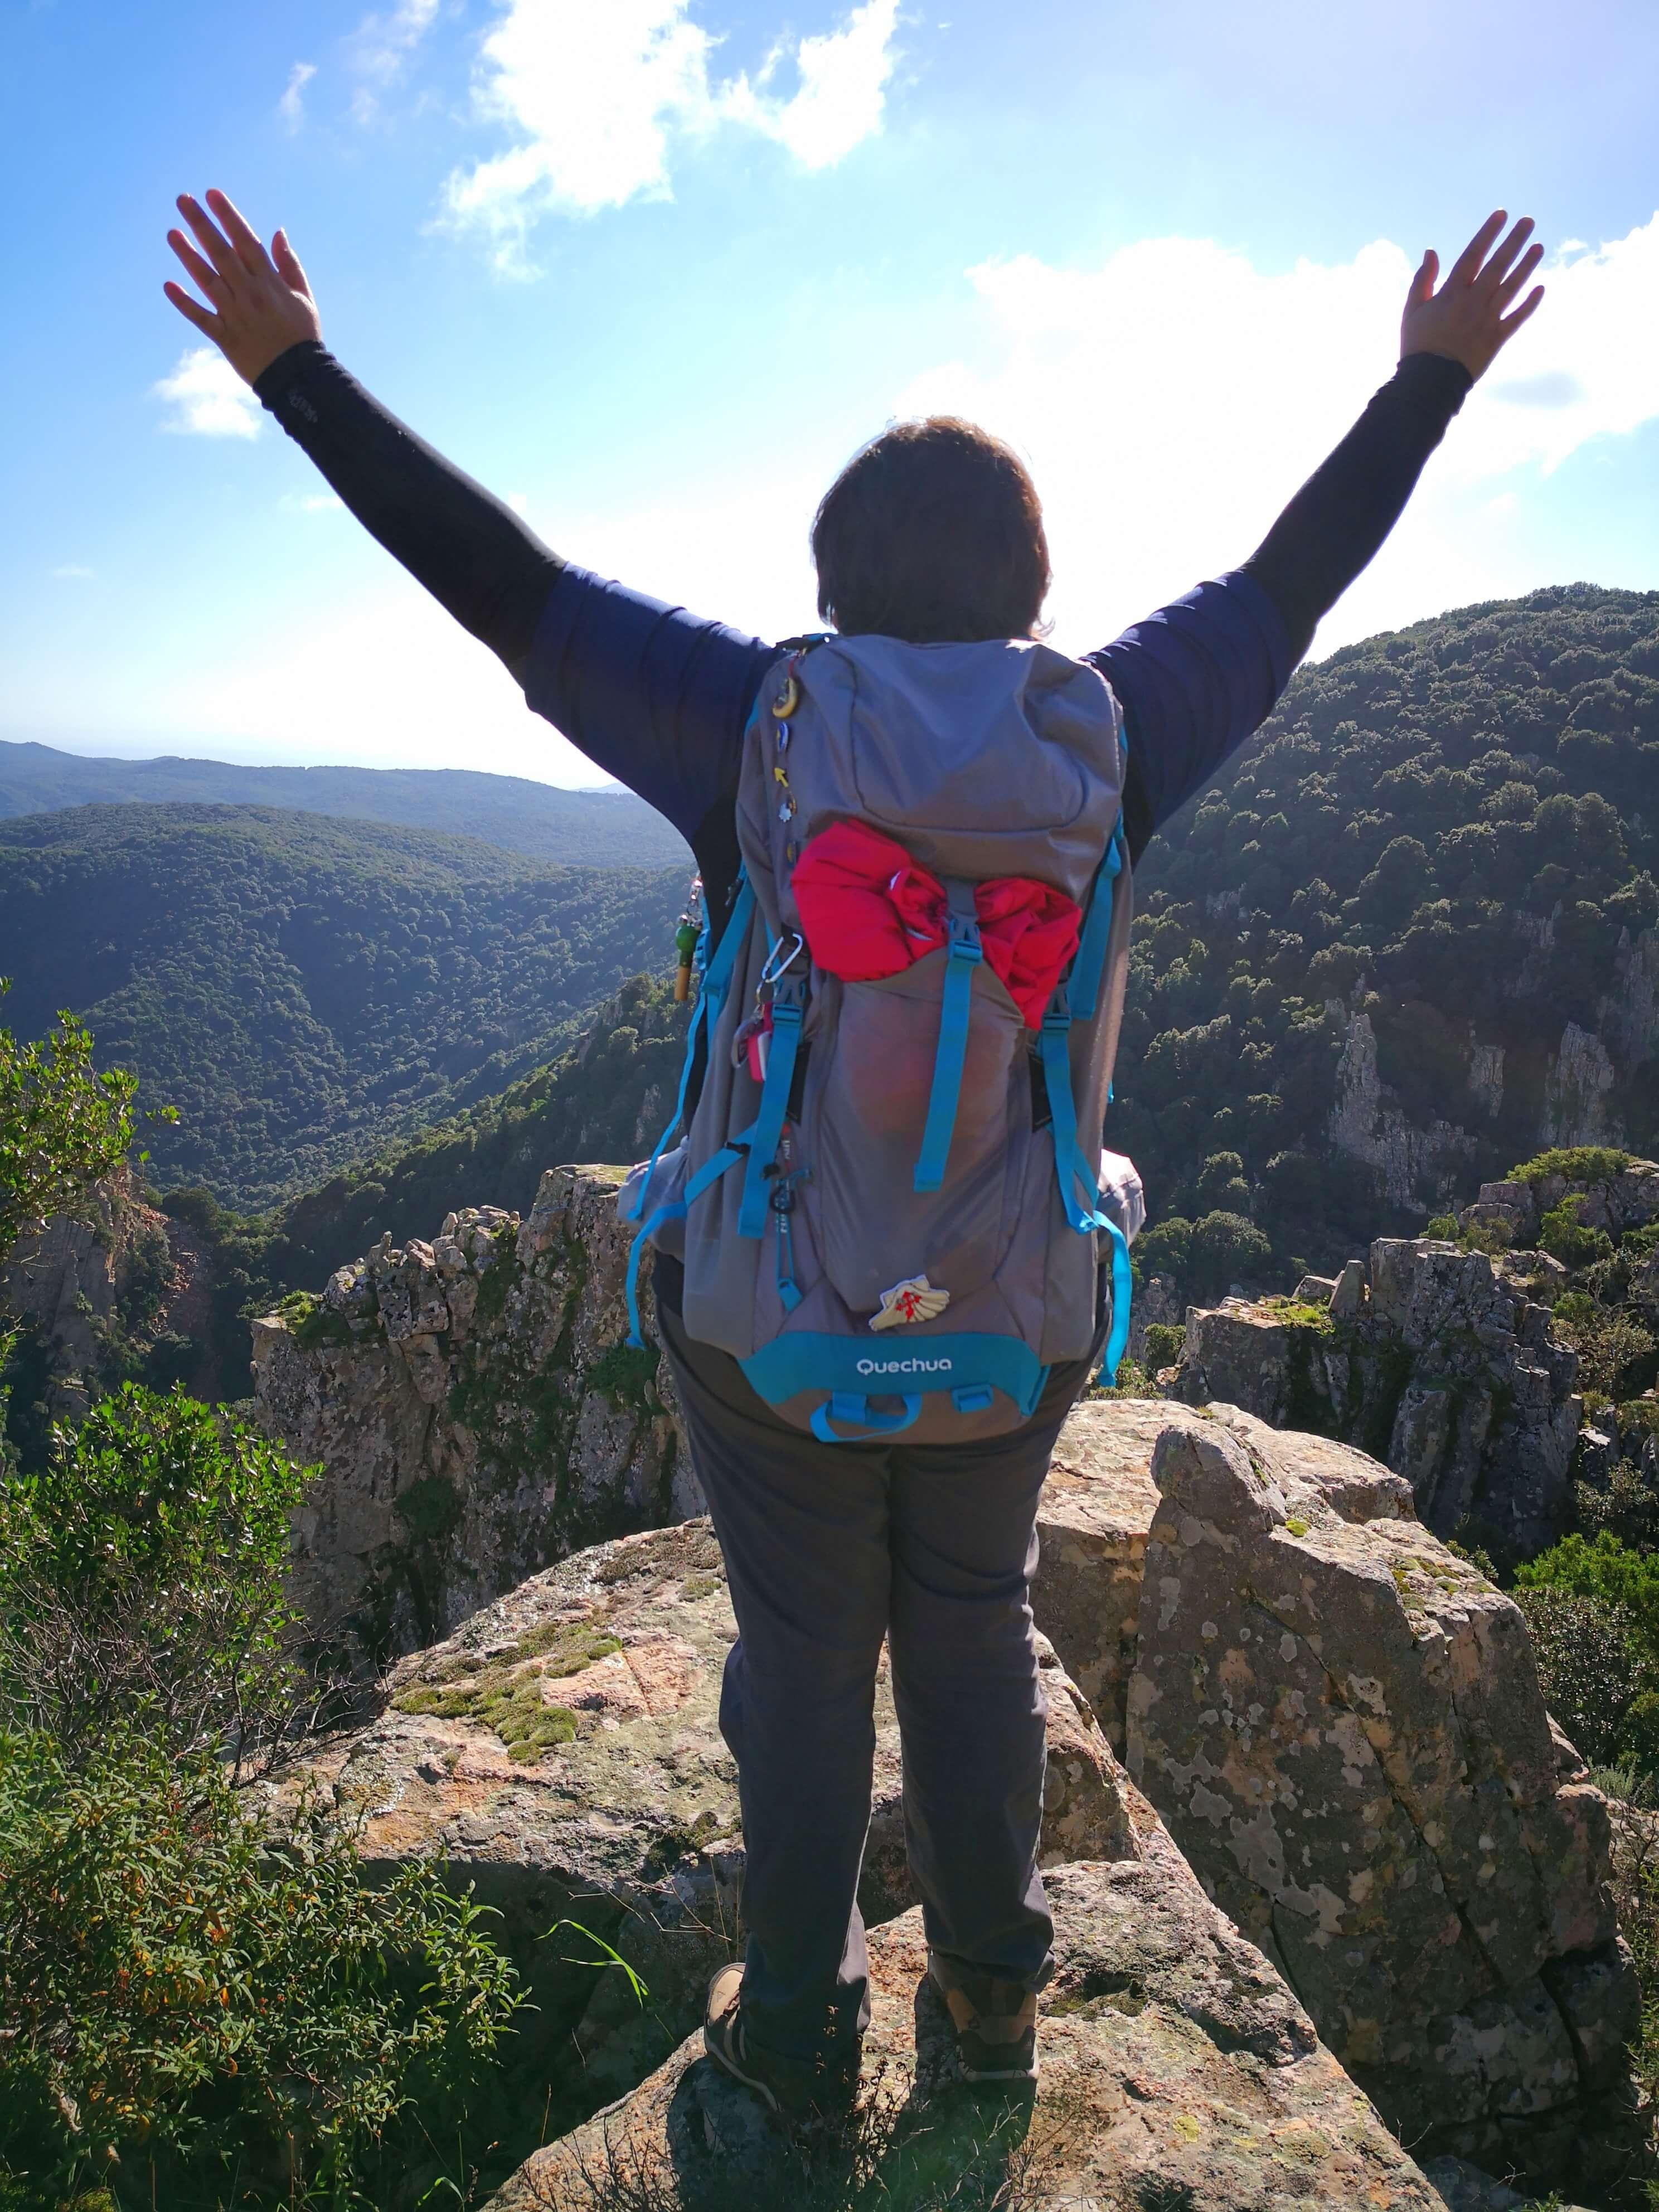 viaggiare-zaino-in-spalla-felice-in-vetta-montagna